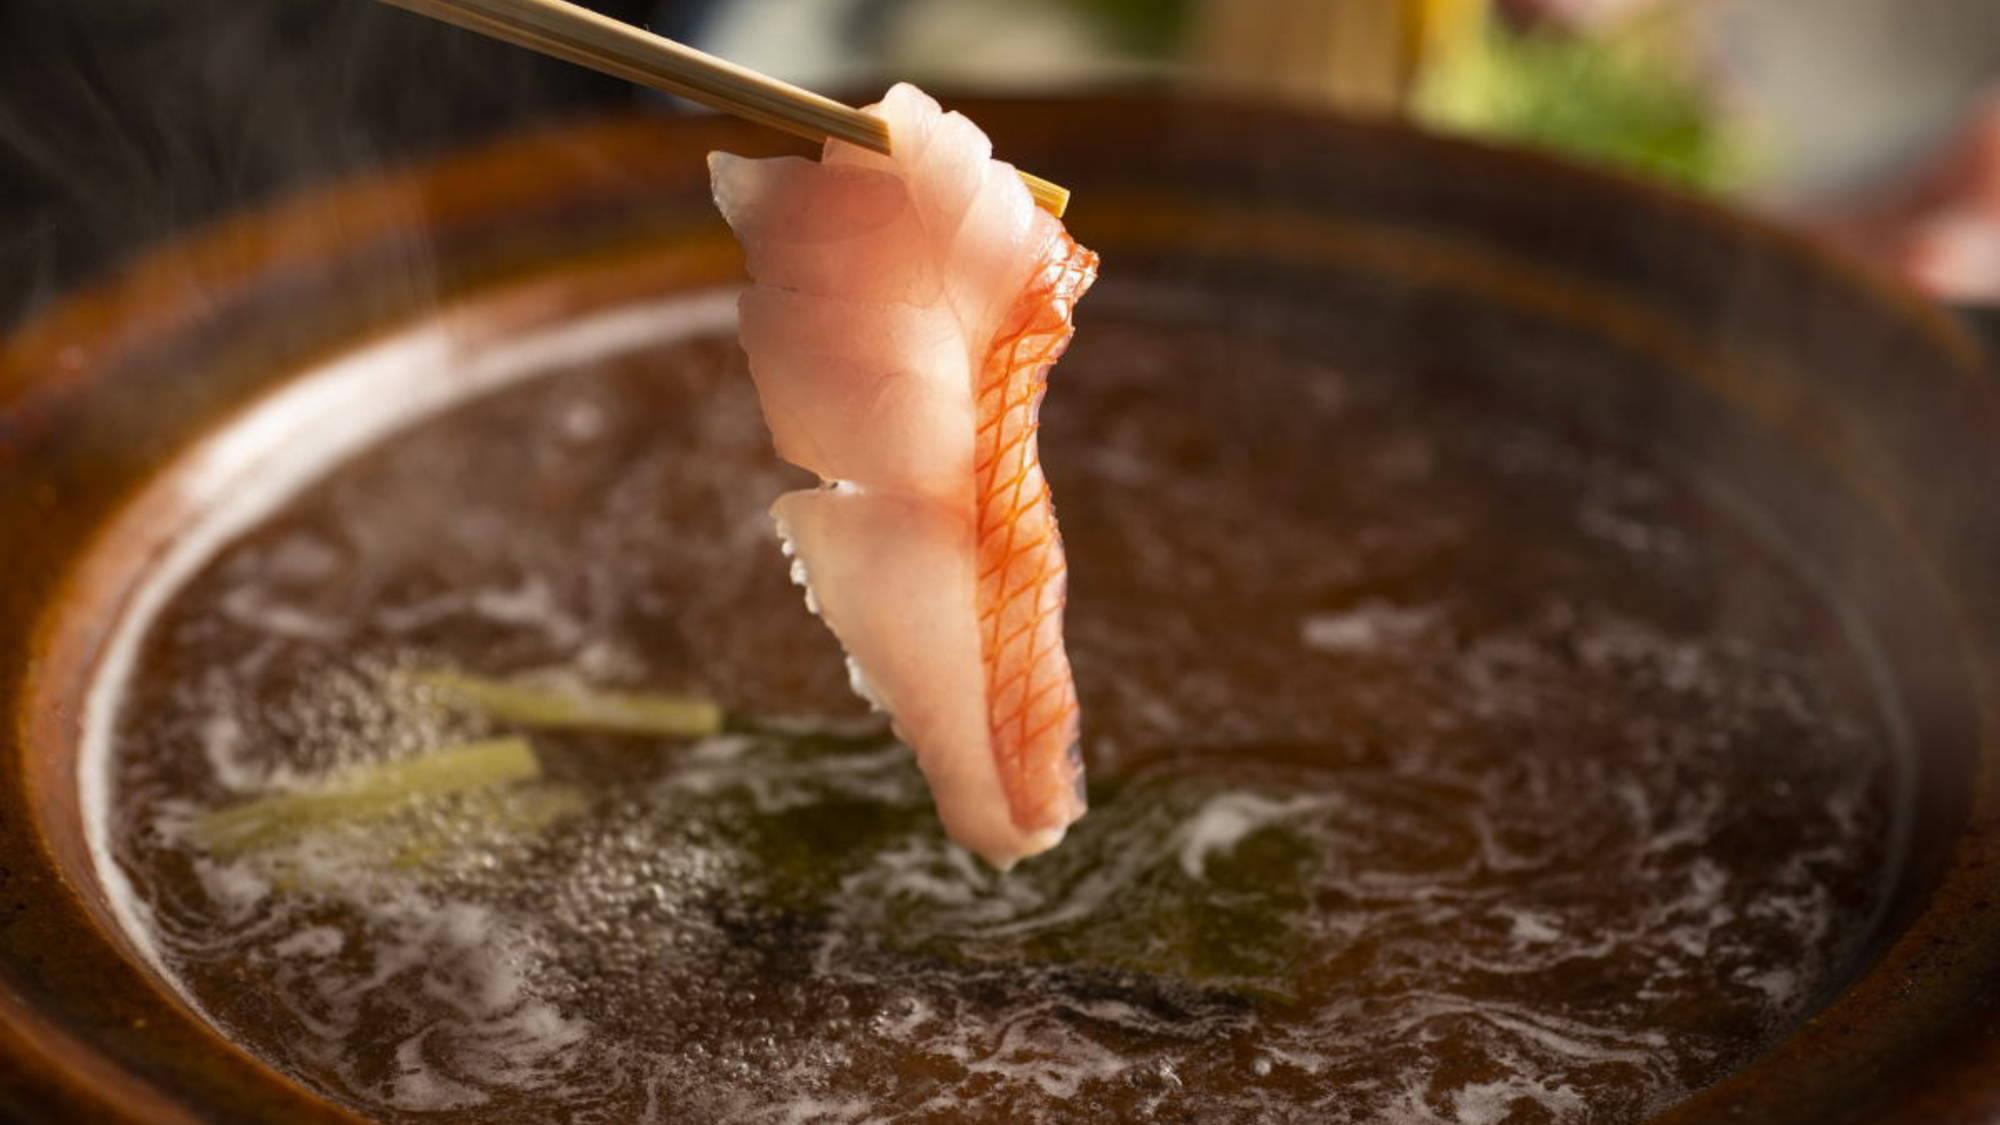 【地魚】相模湾、東伊豆双方からの魚介類が豊富に入る湯河原。刺身やしゃぶしゃぶでお楽しみください。